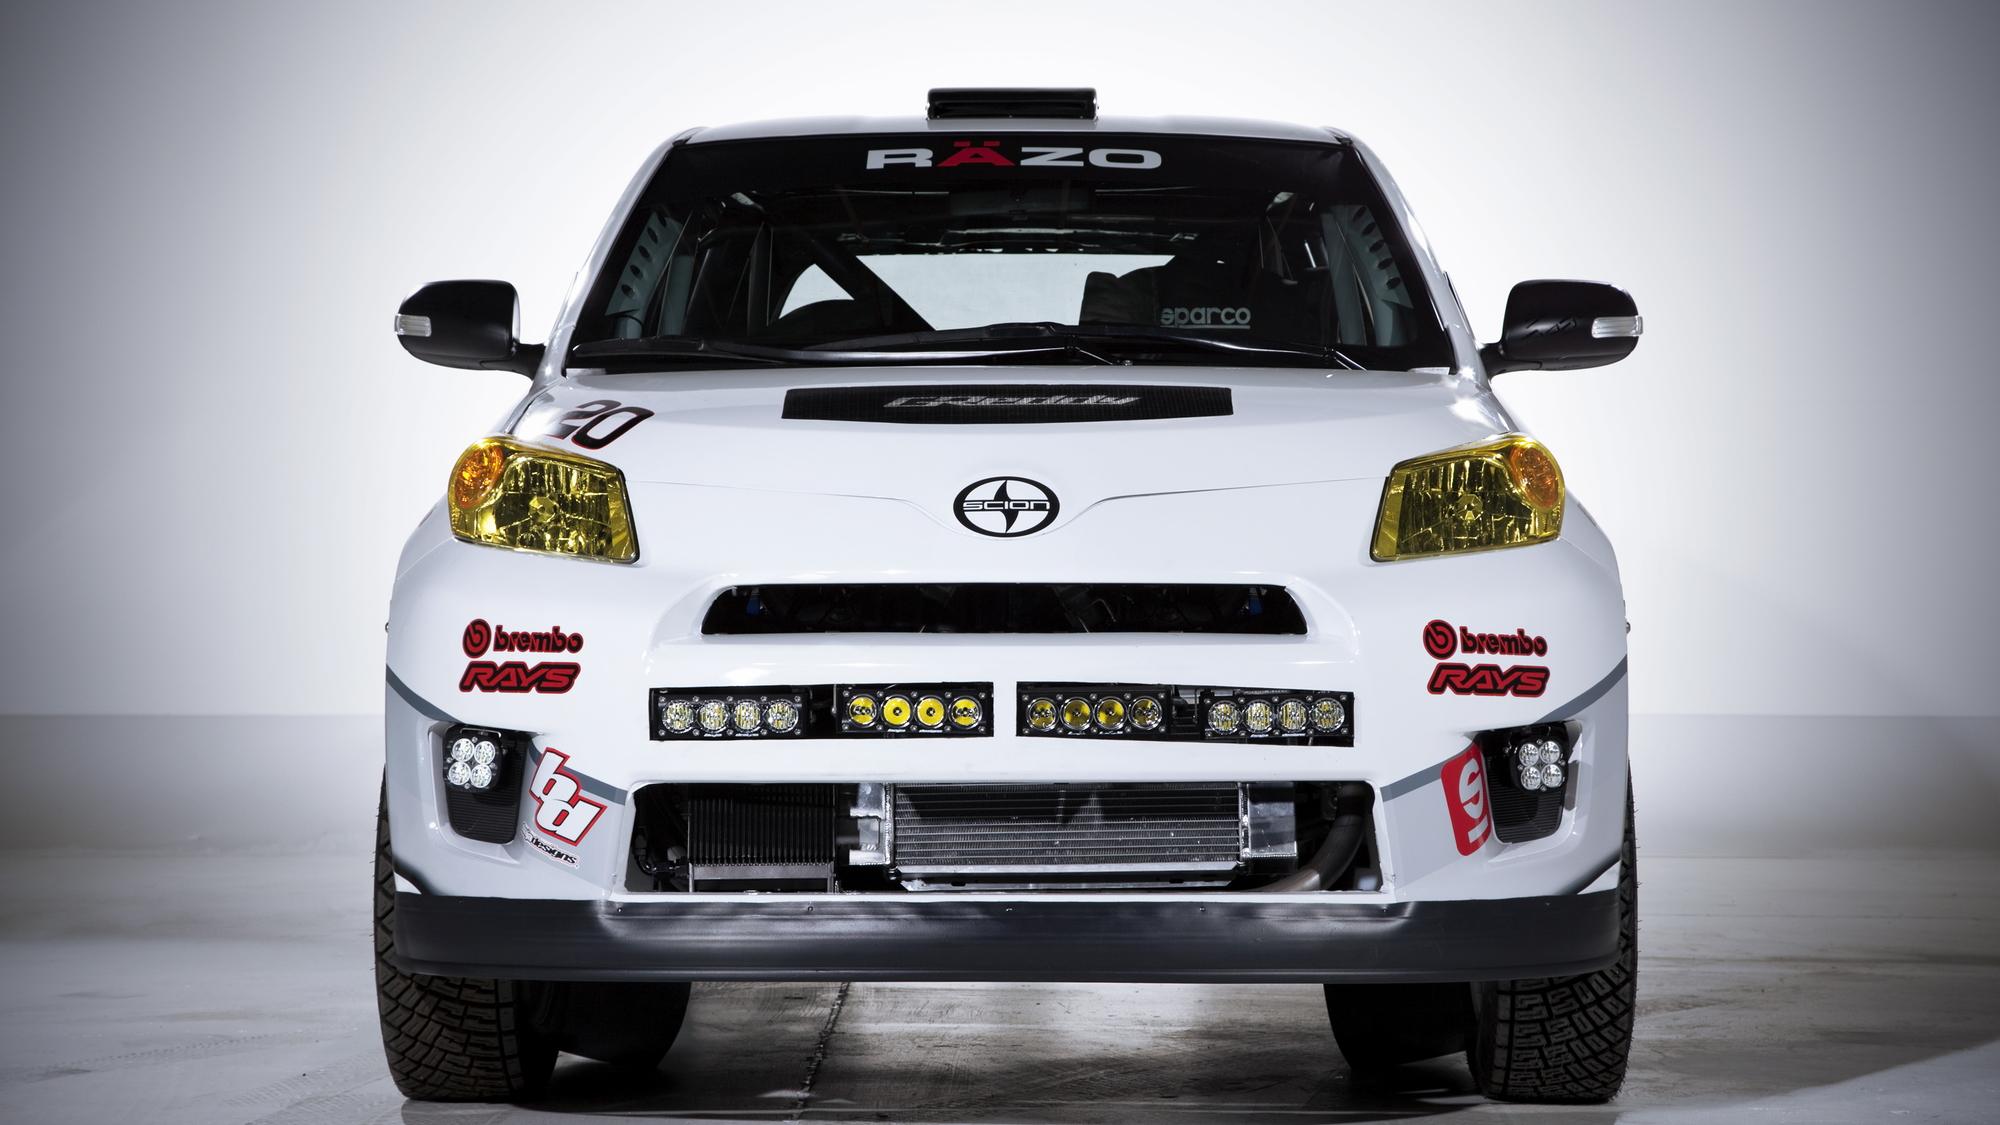 Scion Racing Rally xD